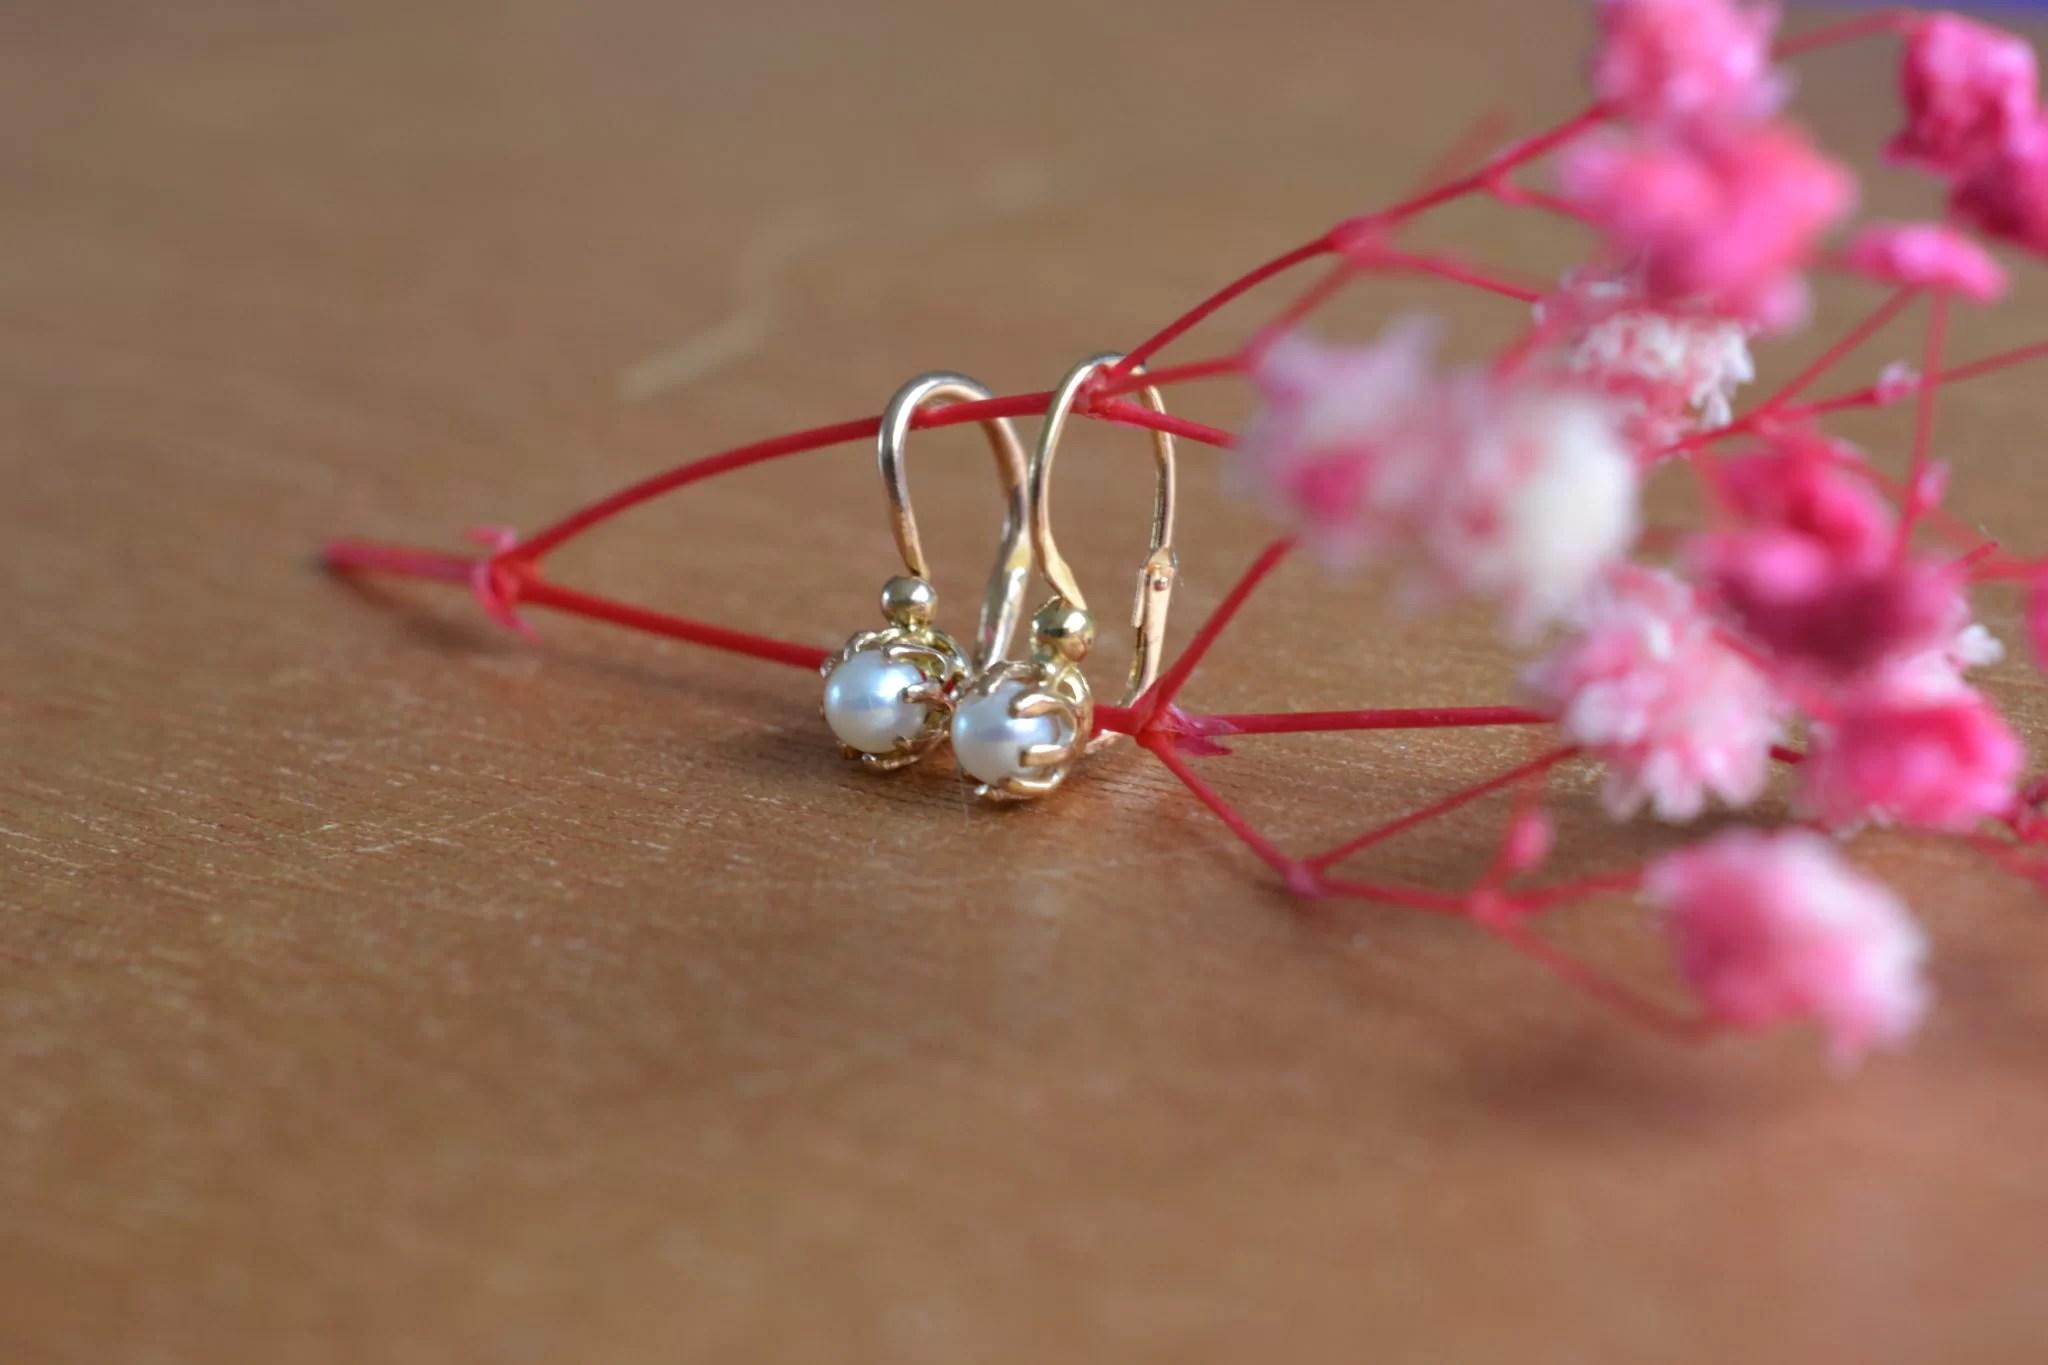 Boucles D'oreilles Dormeuses Anciennes Perles Et Or - Bijoux Anciens Pour Mariage Vintage